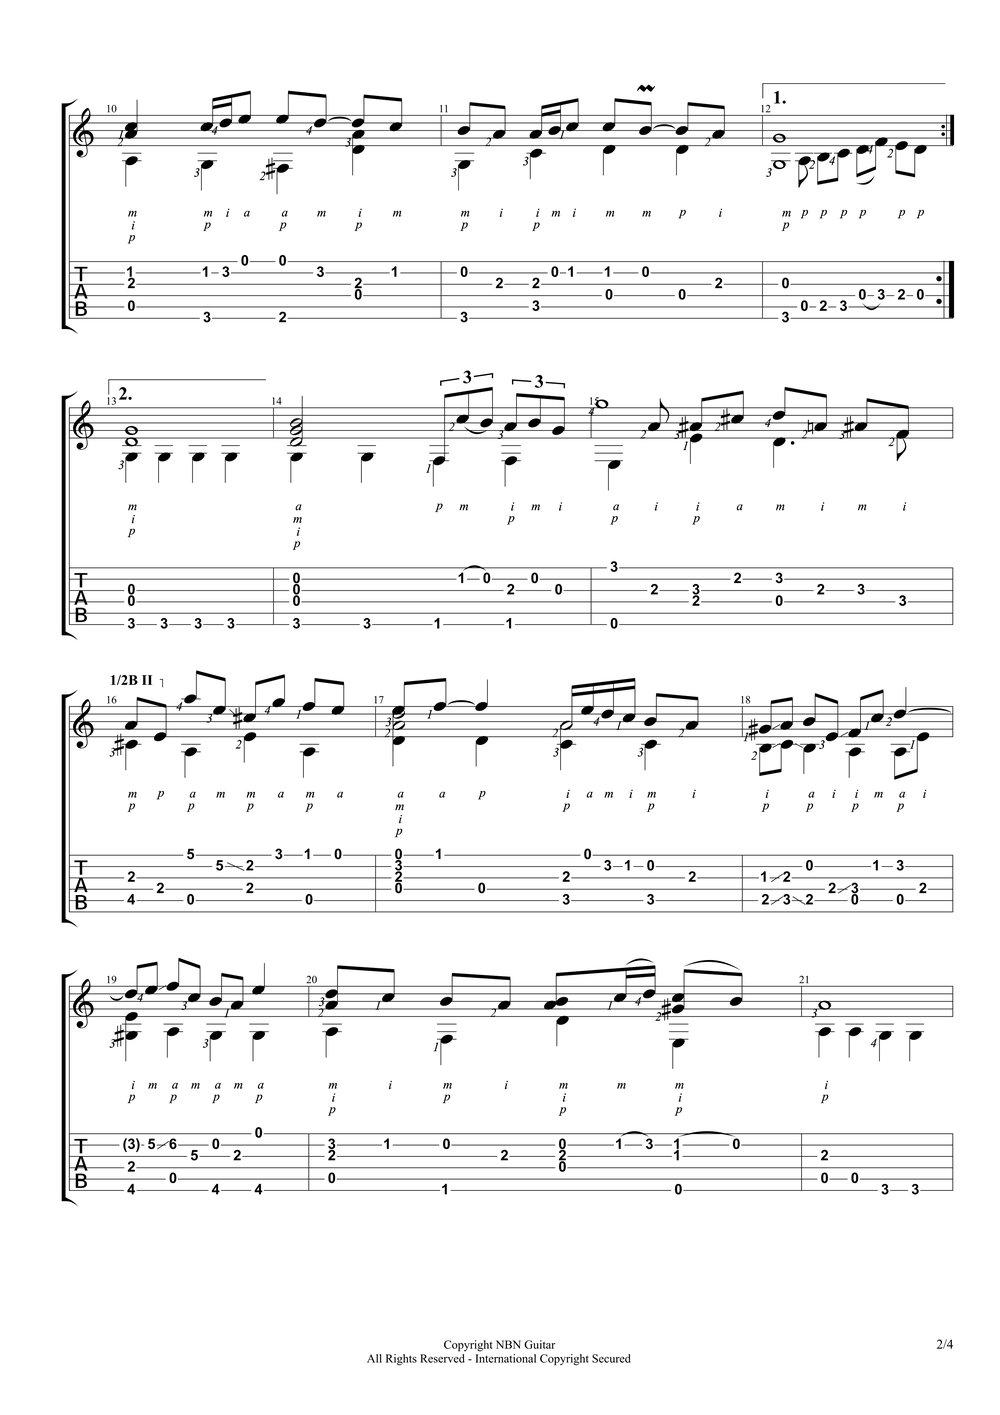 Air on a G-string (Sheet Music & Tabs)-p2.jpg